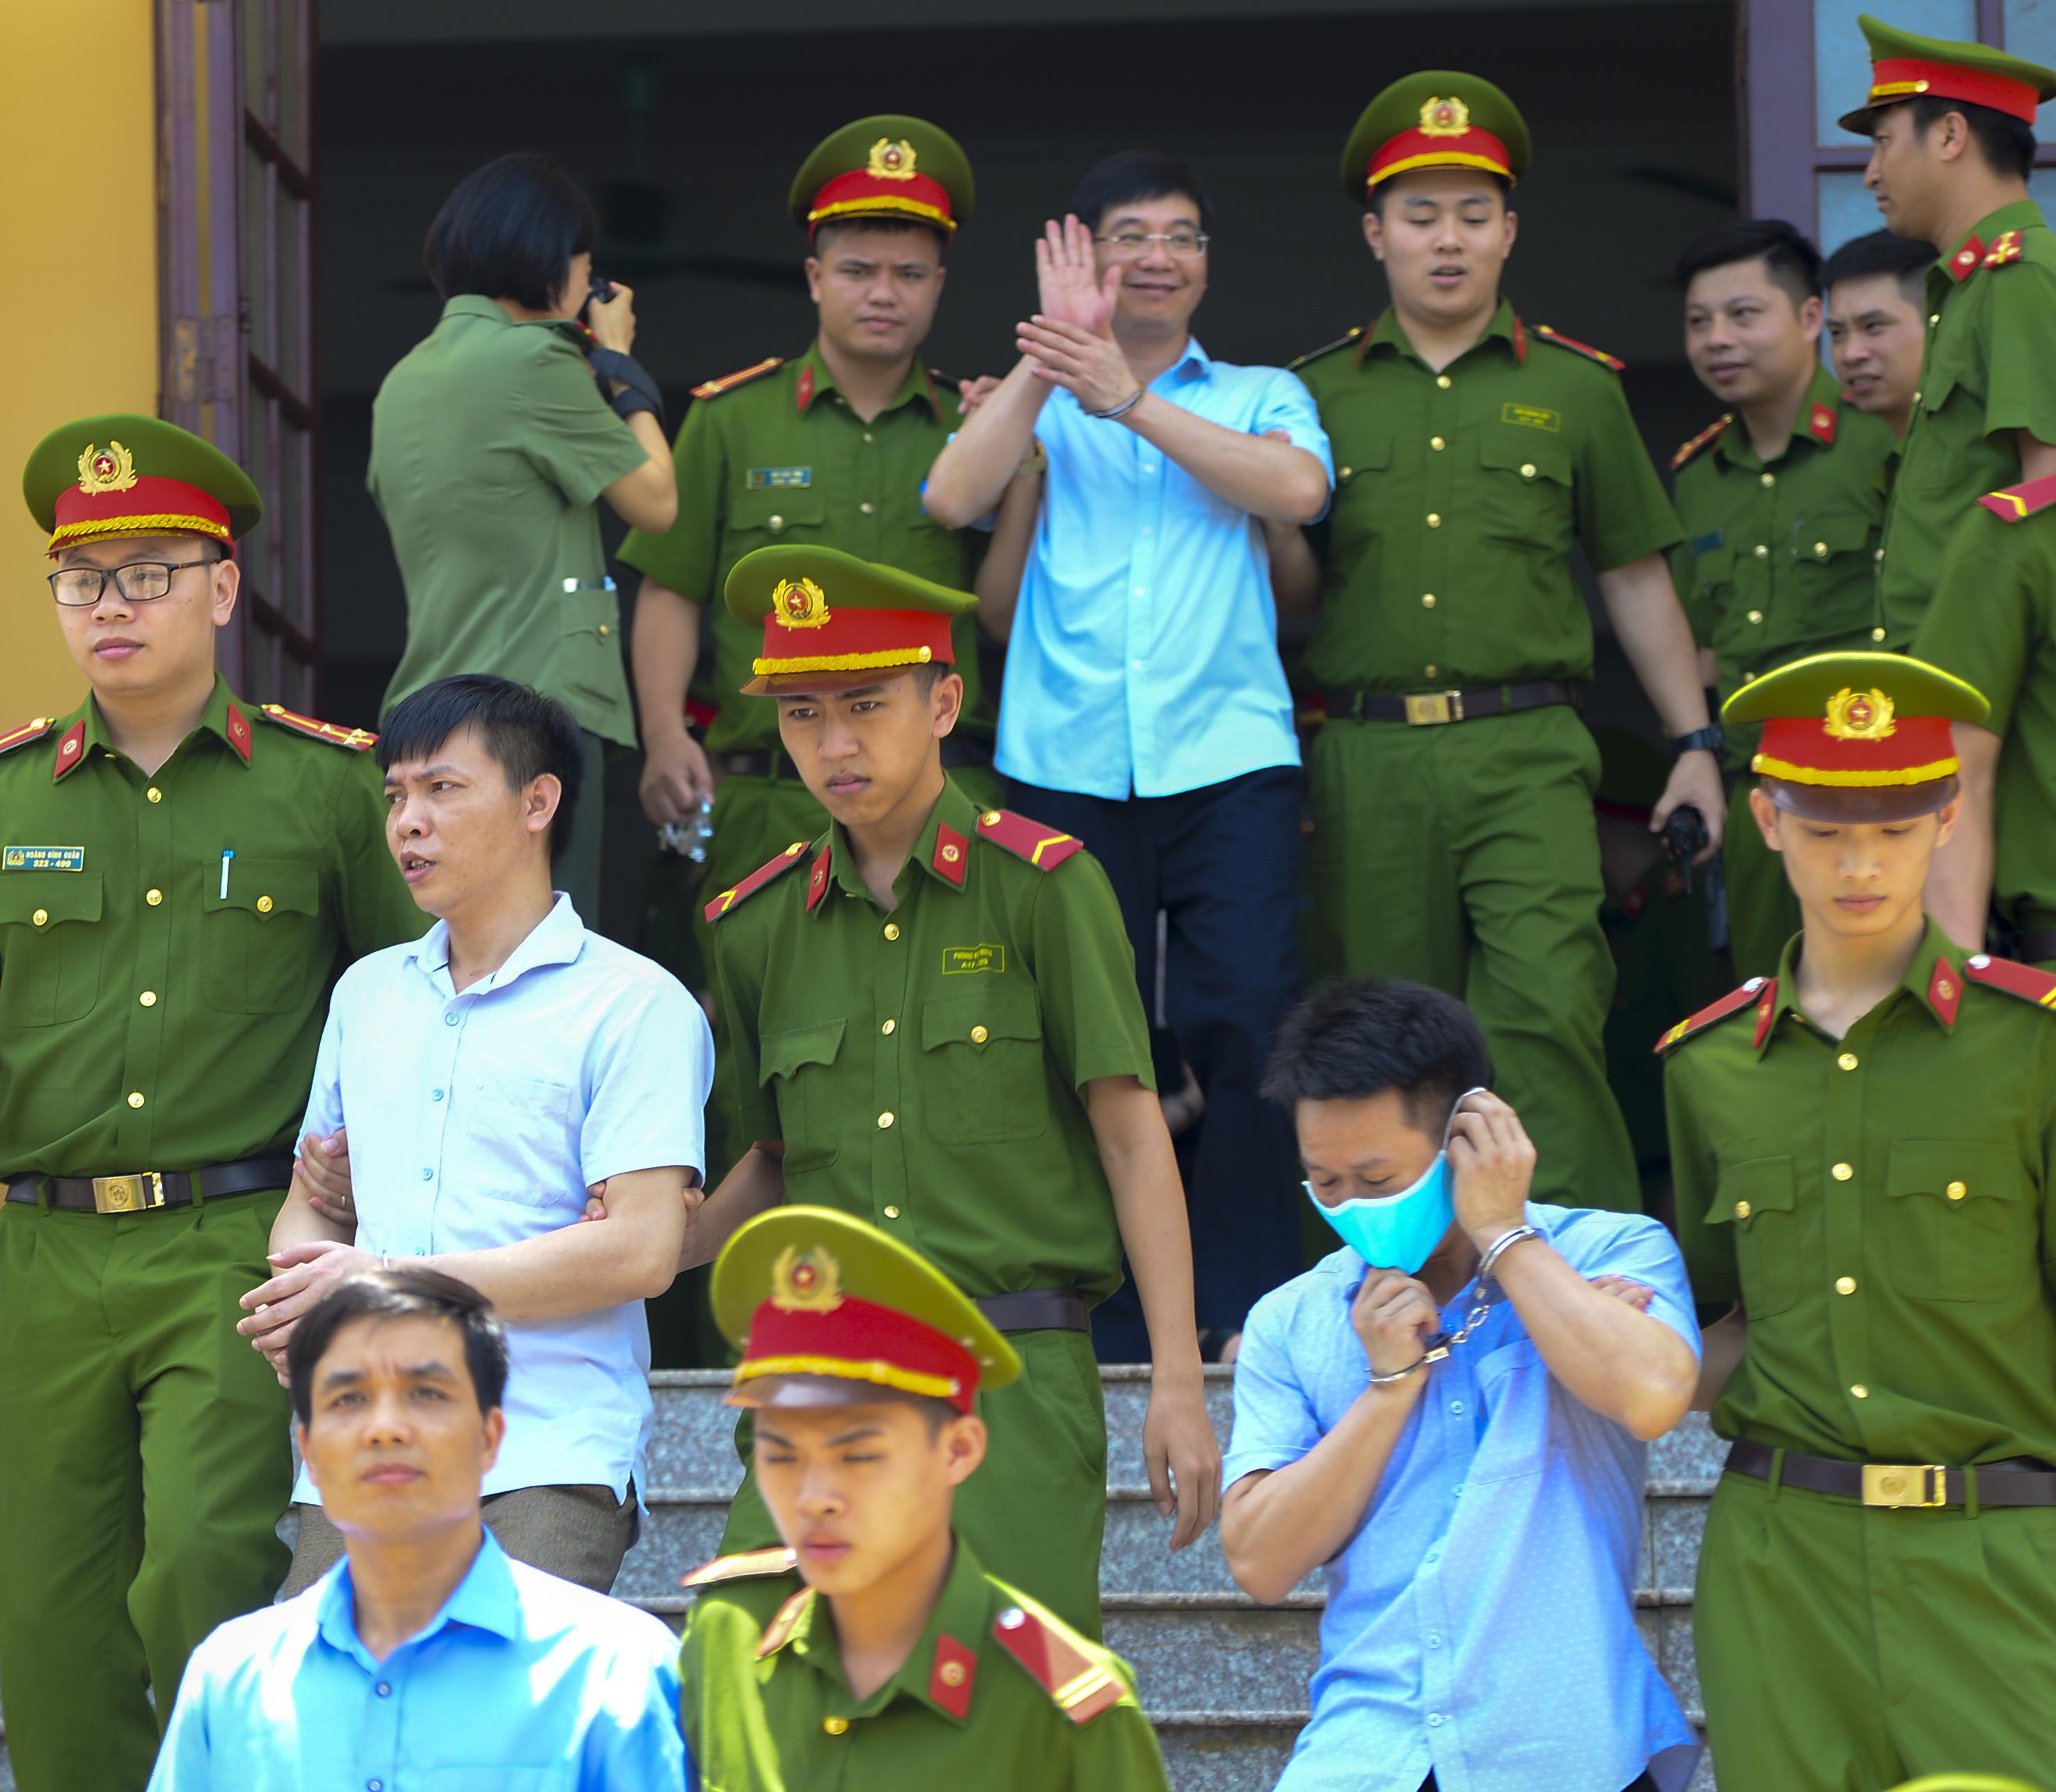 Kẻ khóc, người cười sau khi kết thúc phiên tòa sơ thẩm vụ án gian lận điểm thi ở Hoà Bình - Ảnh 4.